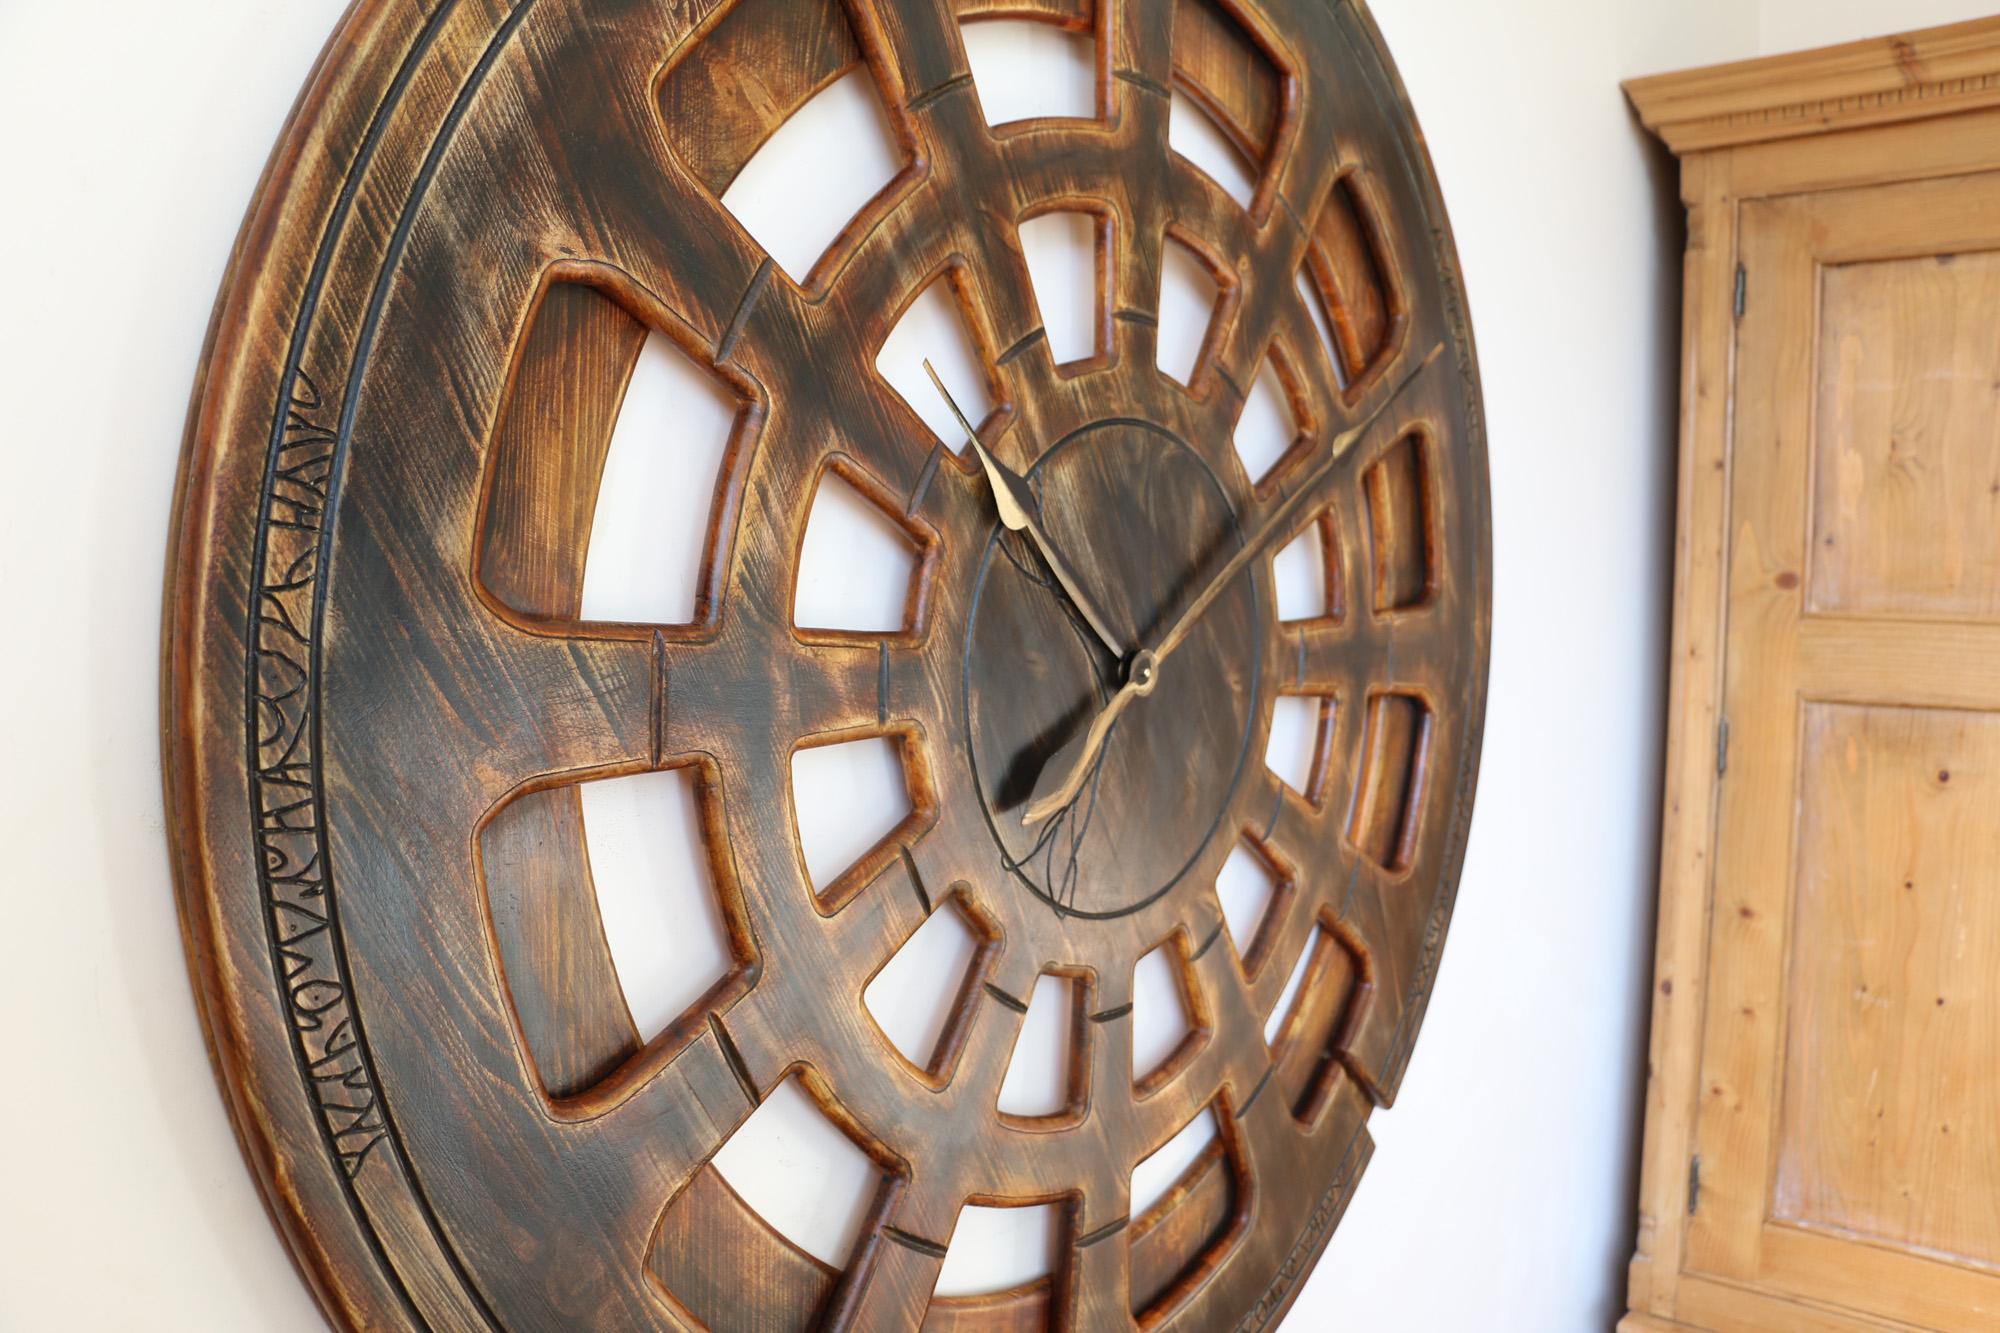 Wohnzimmer Wanduhr aus Holz